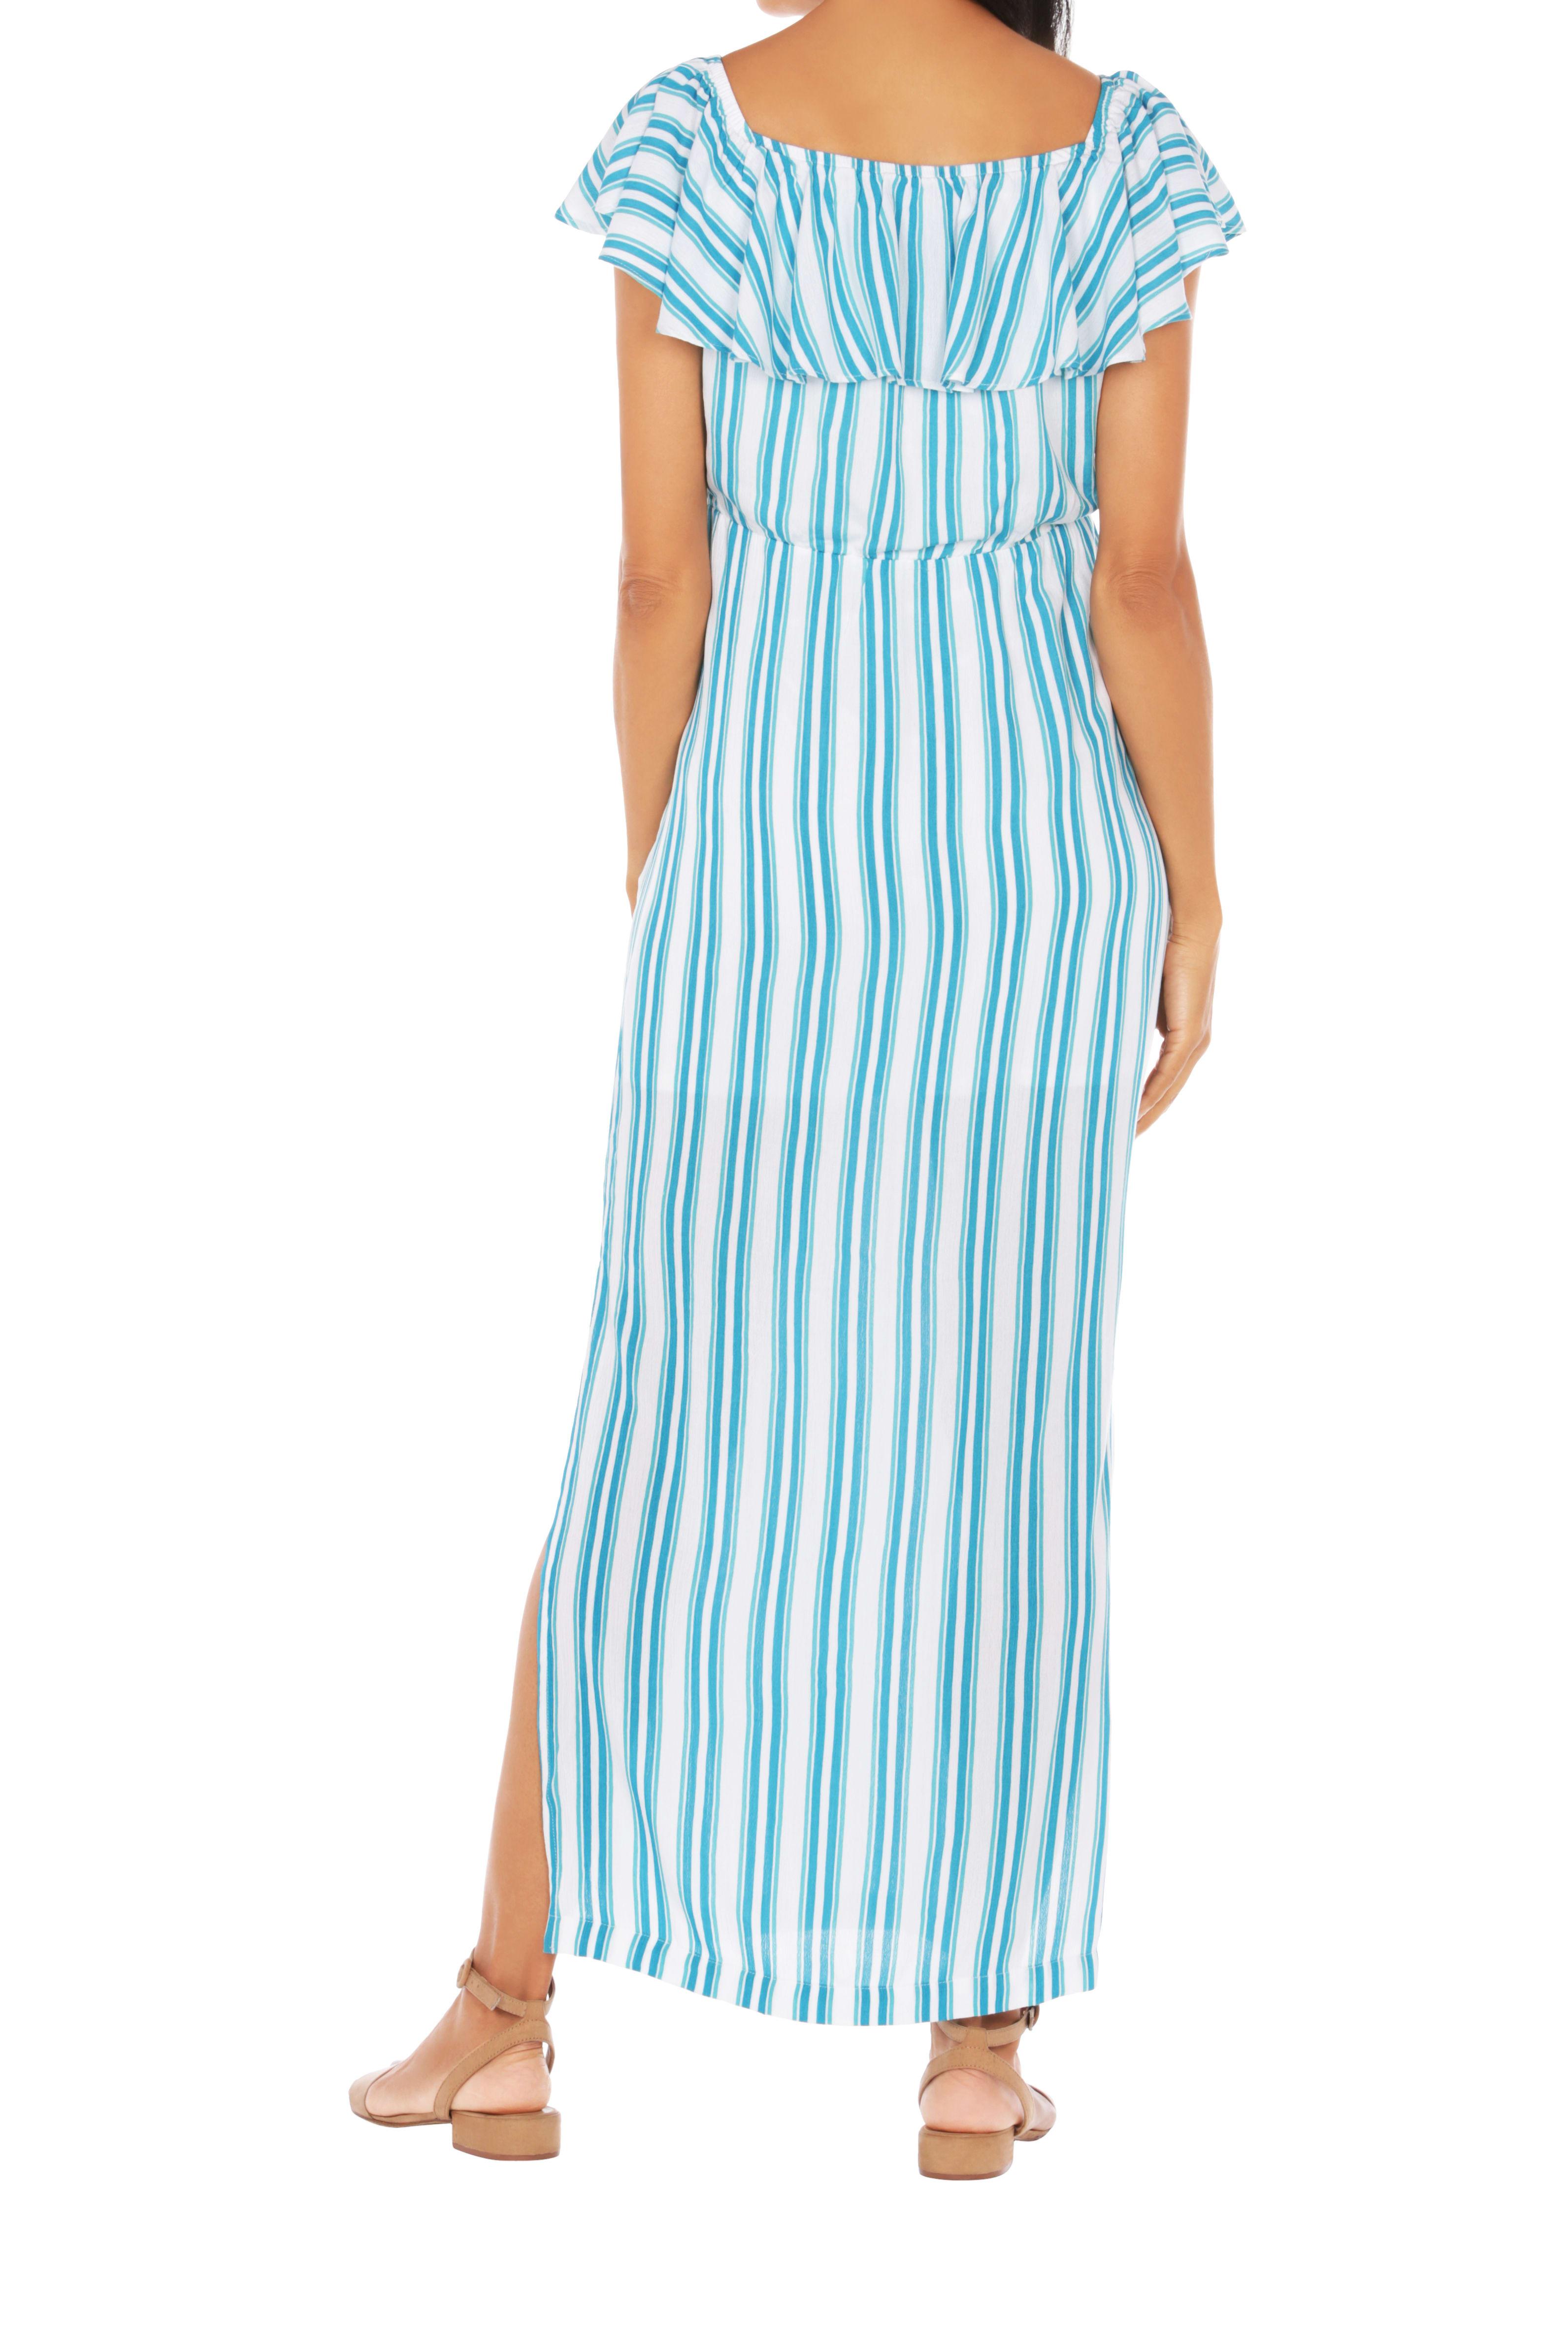 Caribbean Joe® Off The Shoulder Maxi Dress - Blue/Green - Back